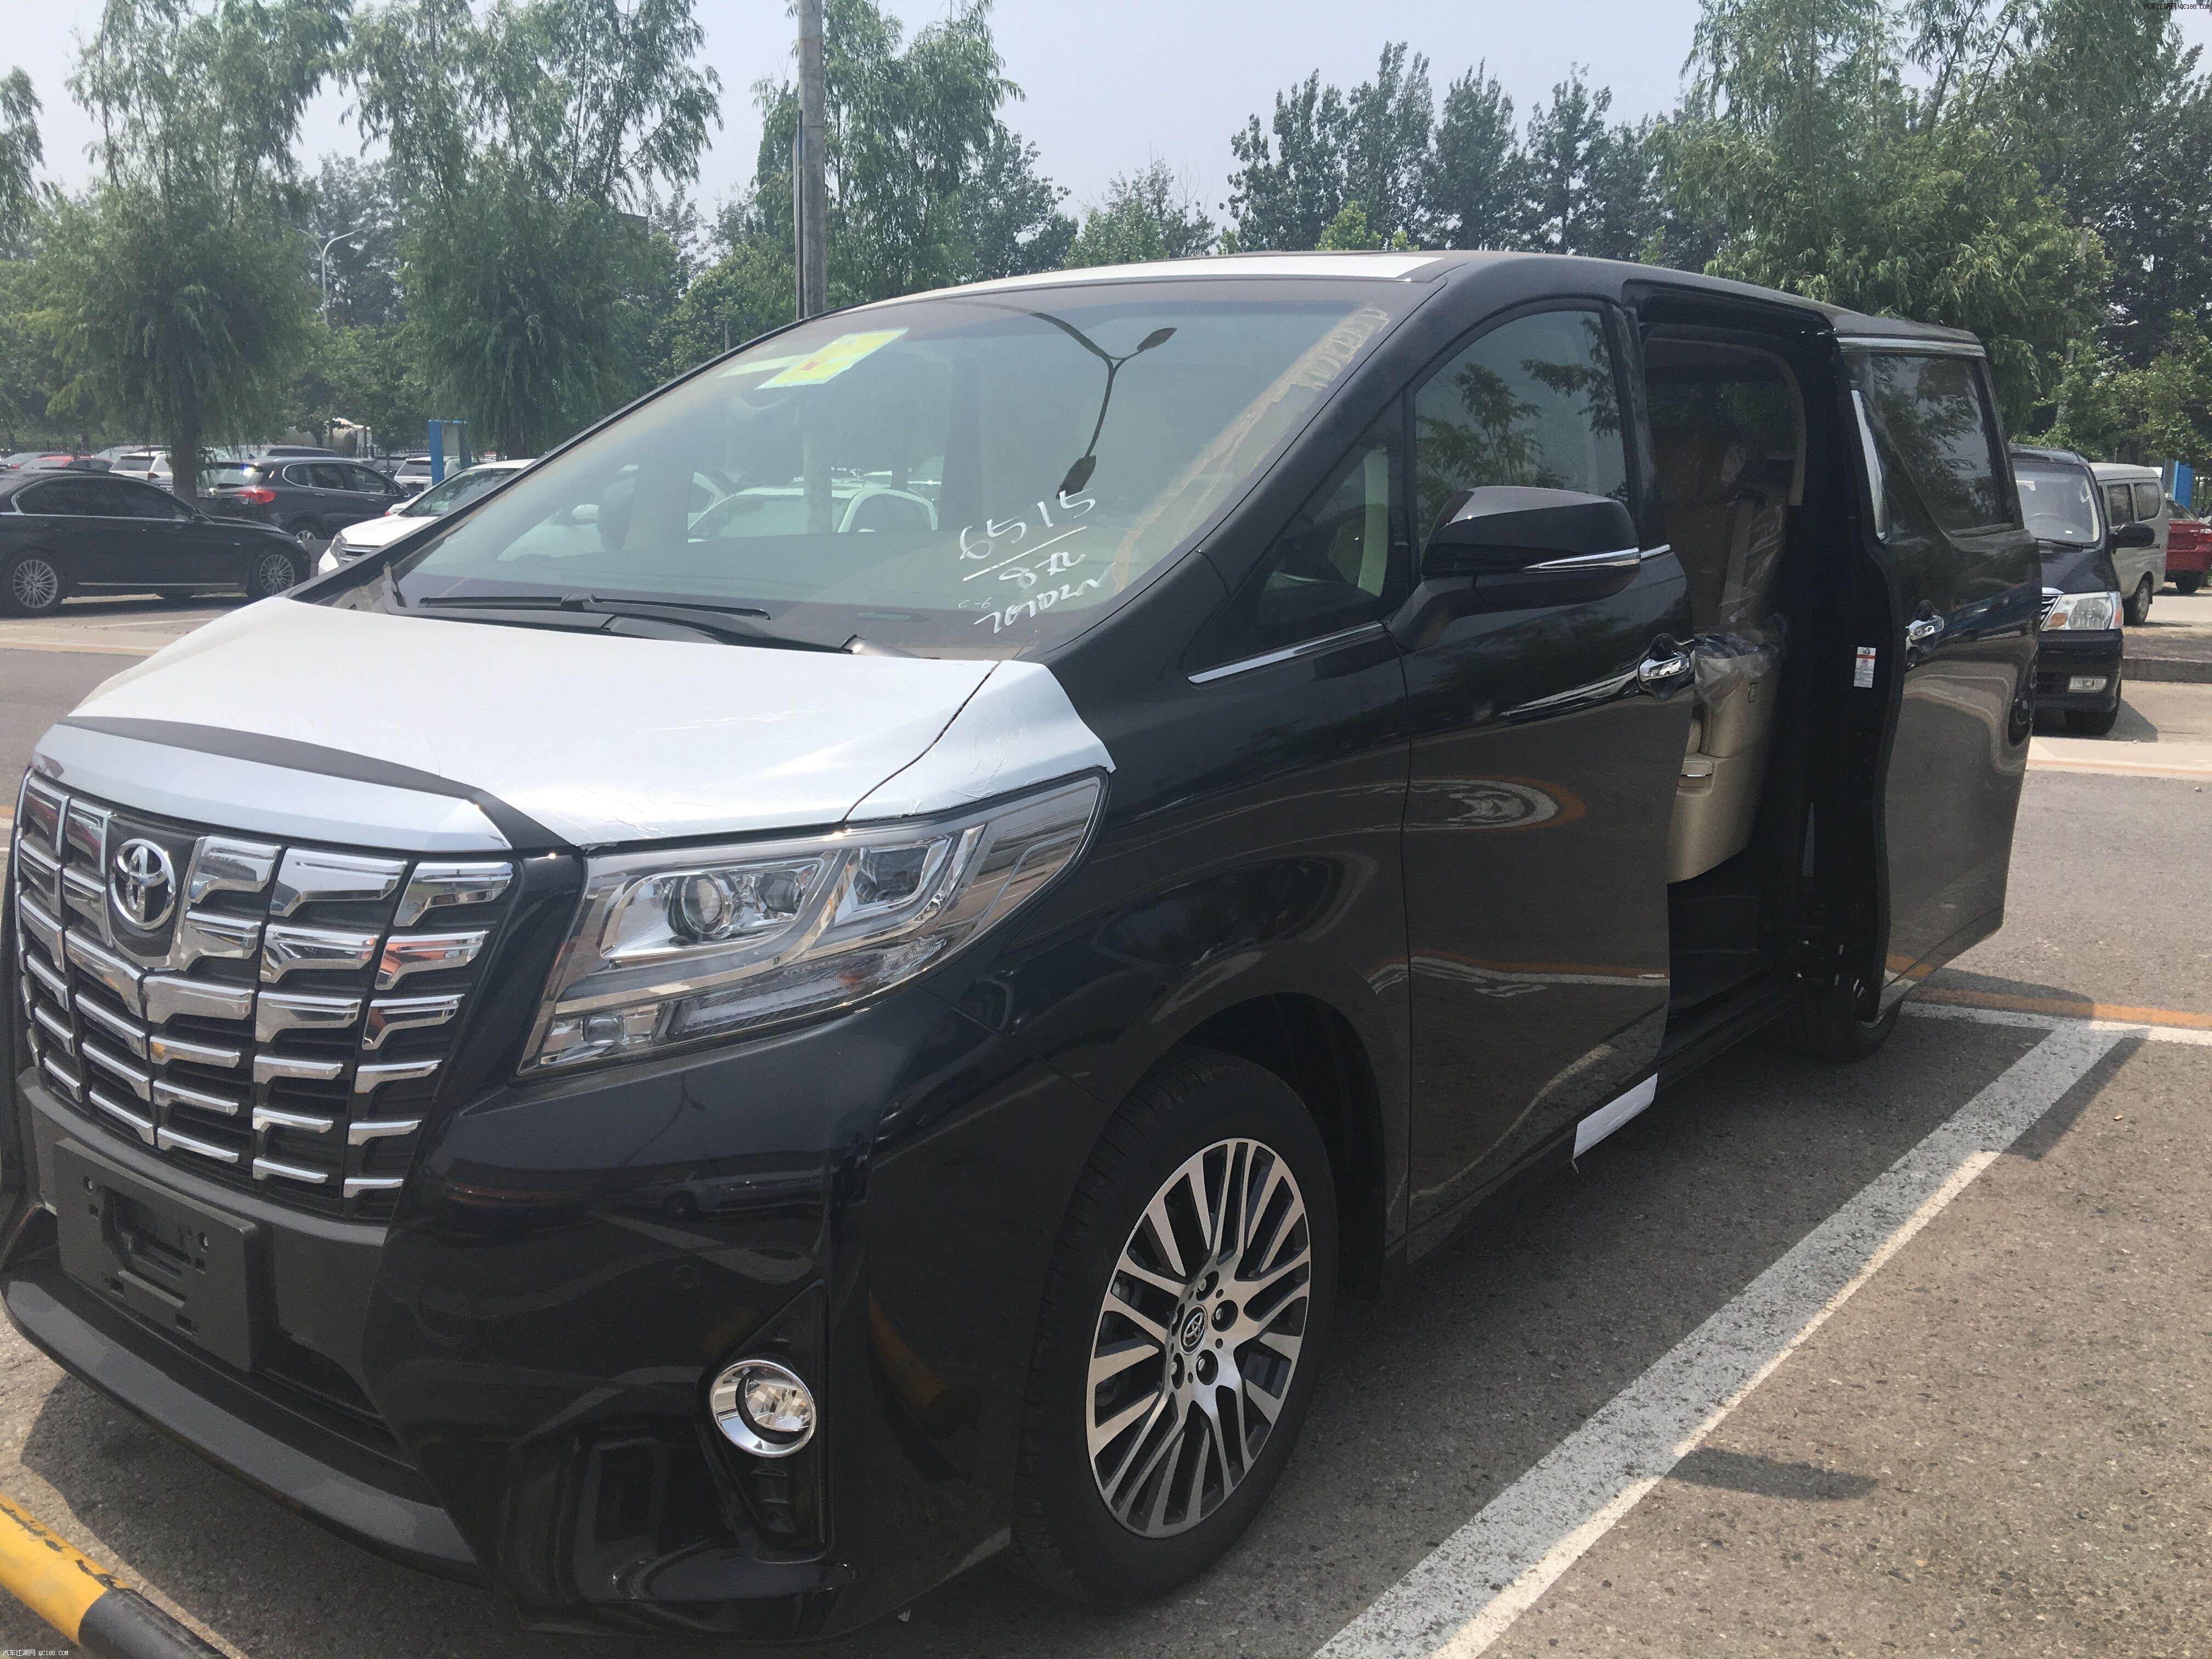 丰田埃尔法天津最低报价多少钱 欧版丰田埃尔法报价